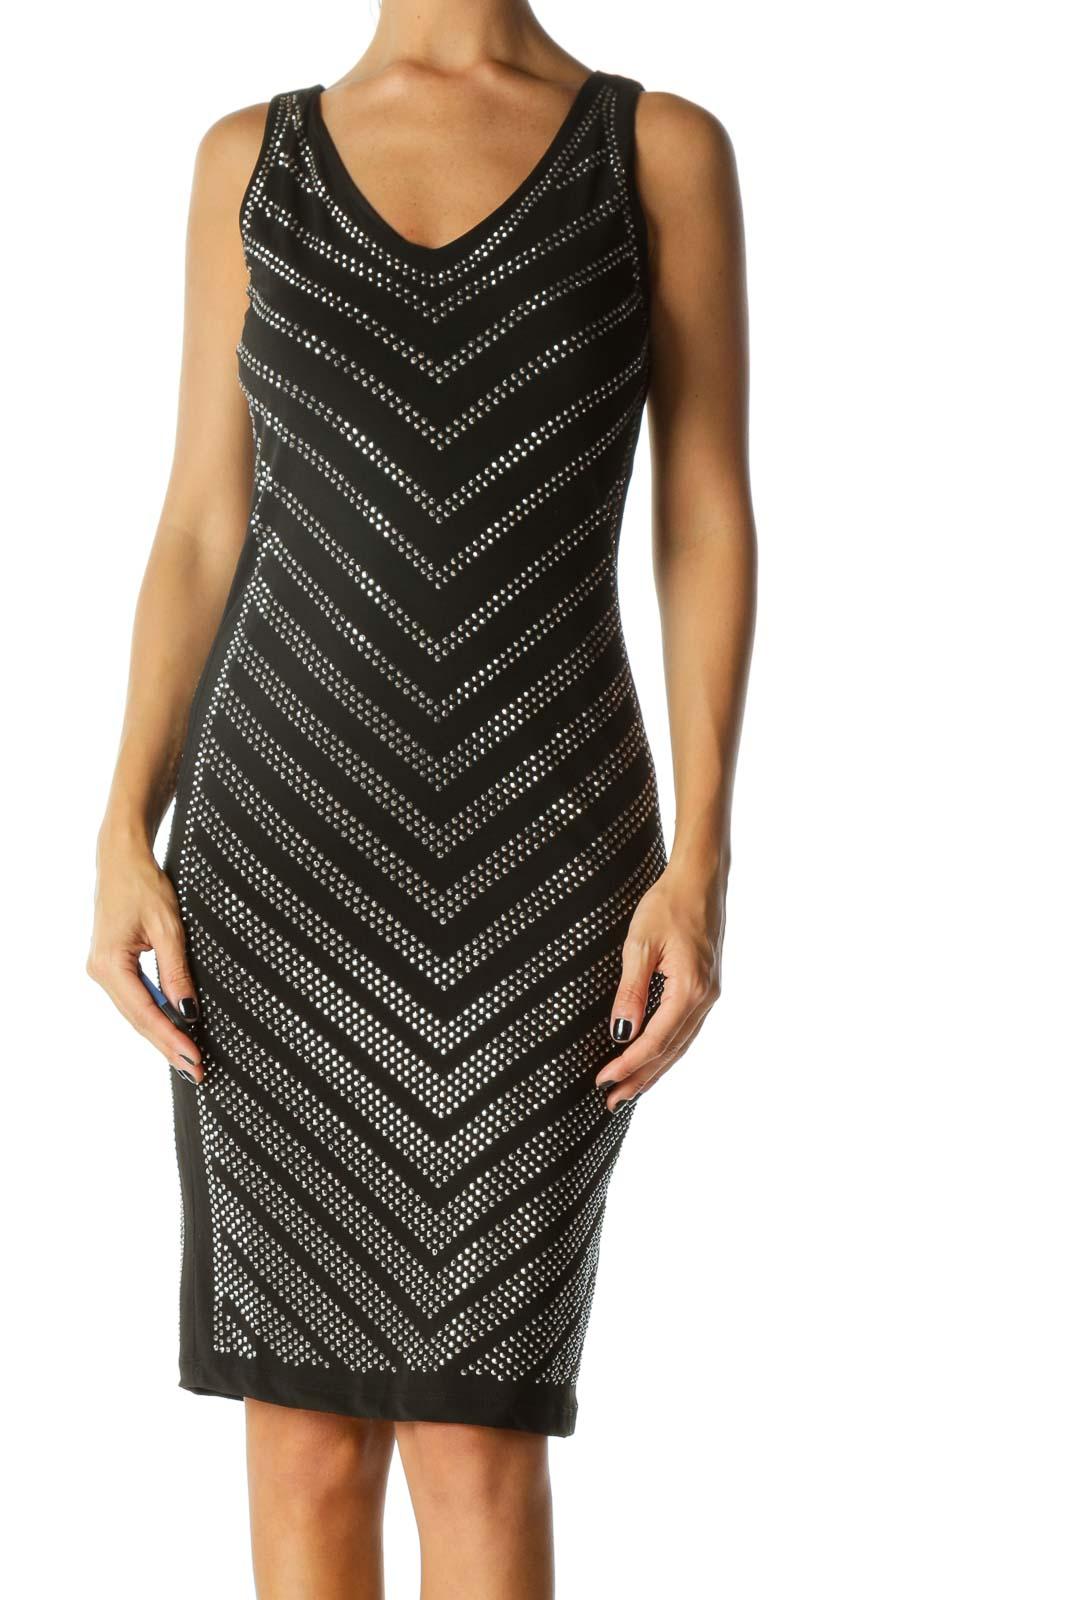 Black Studded Design Cocktail Dress Front